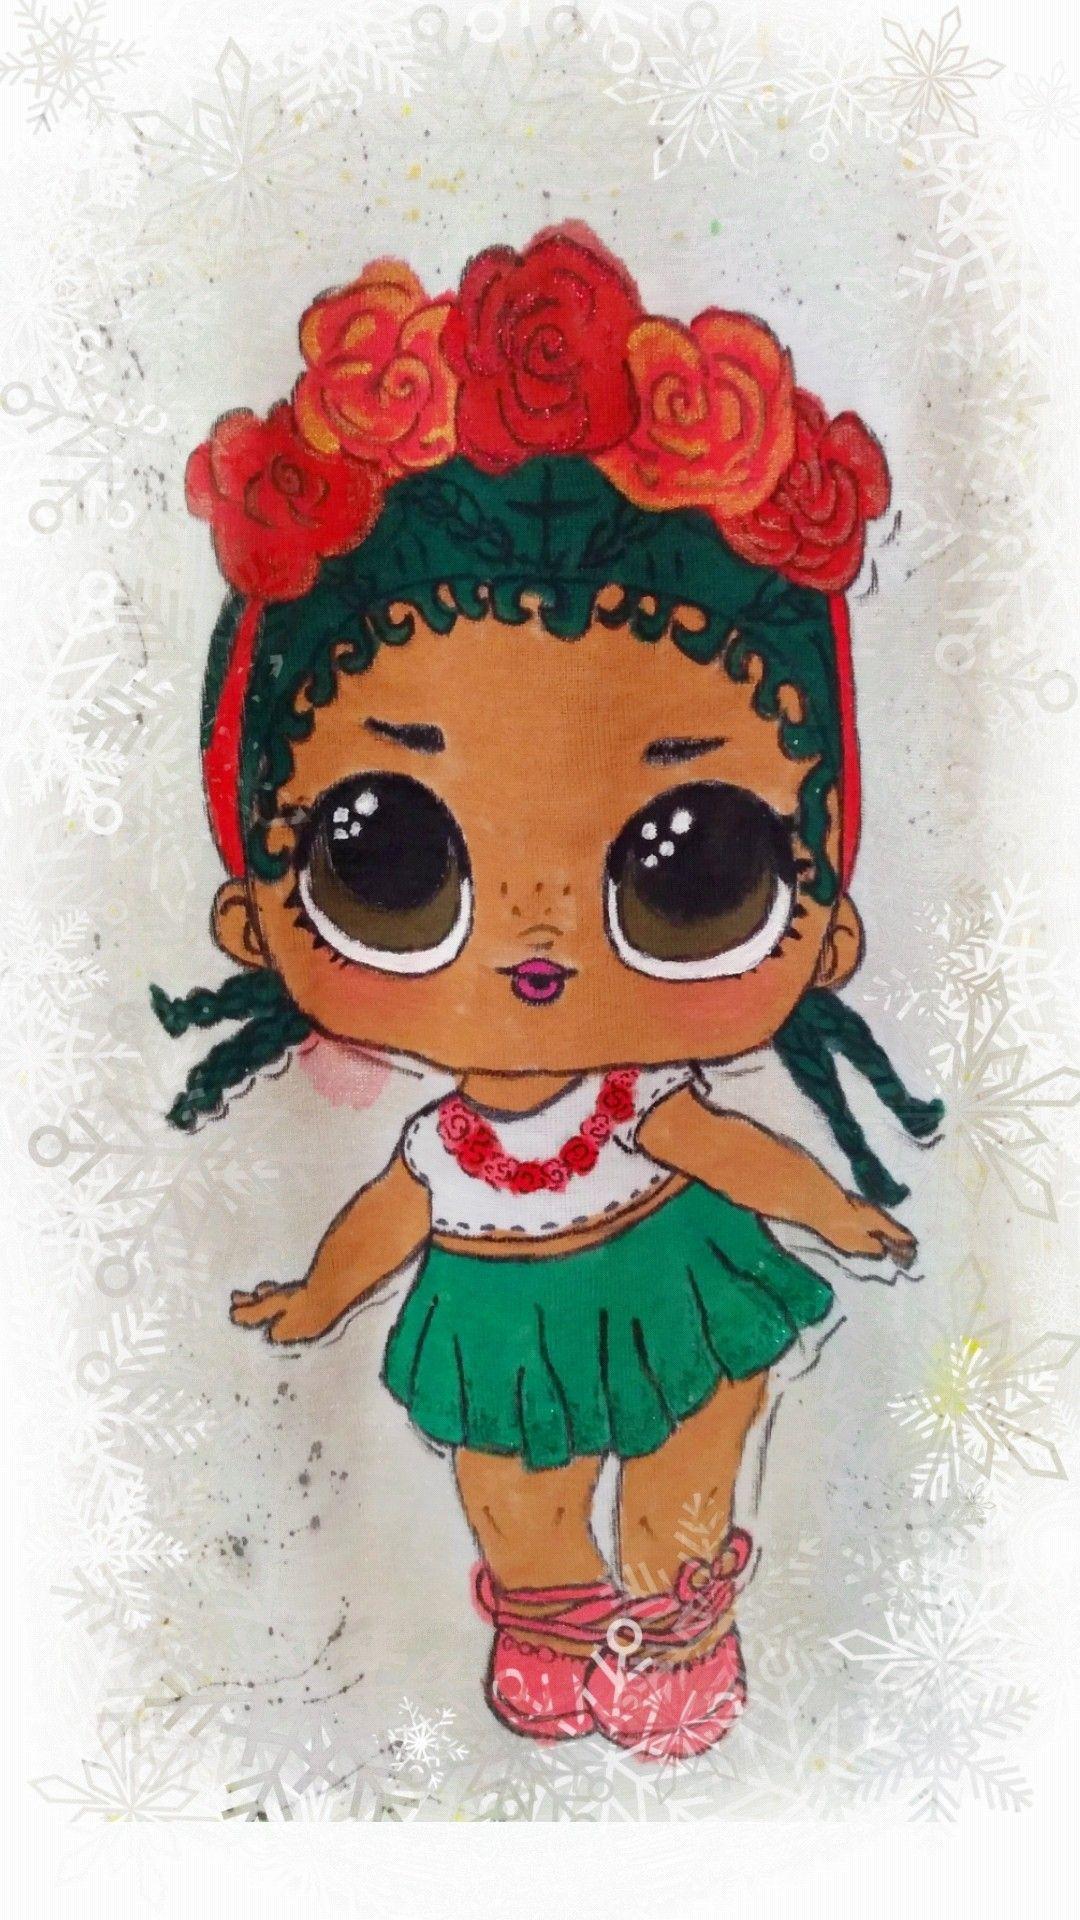 Кукла Лол | Рисунок на футболке, Куклы, Рисунок